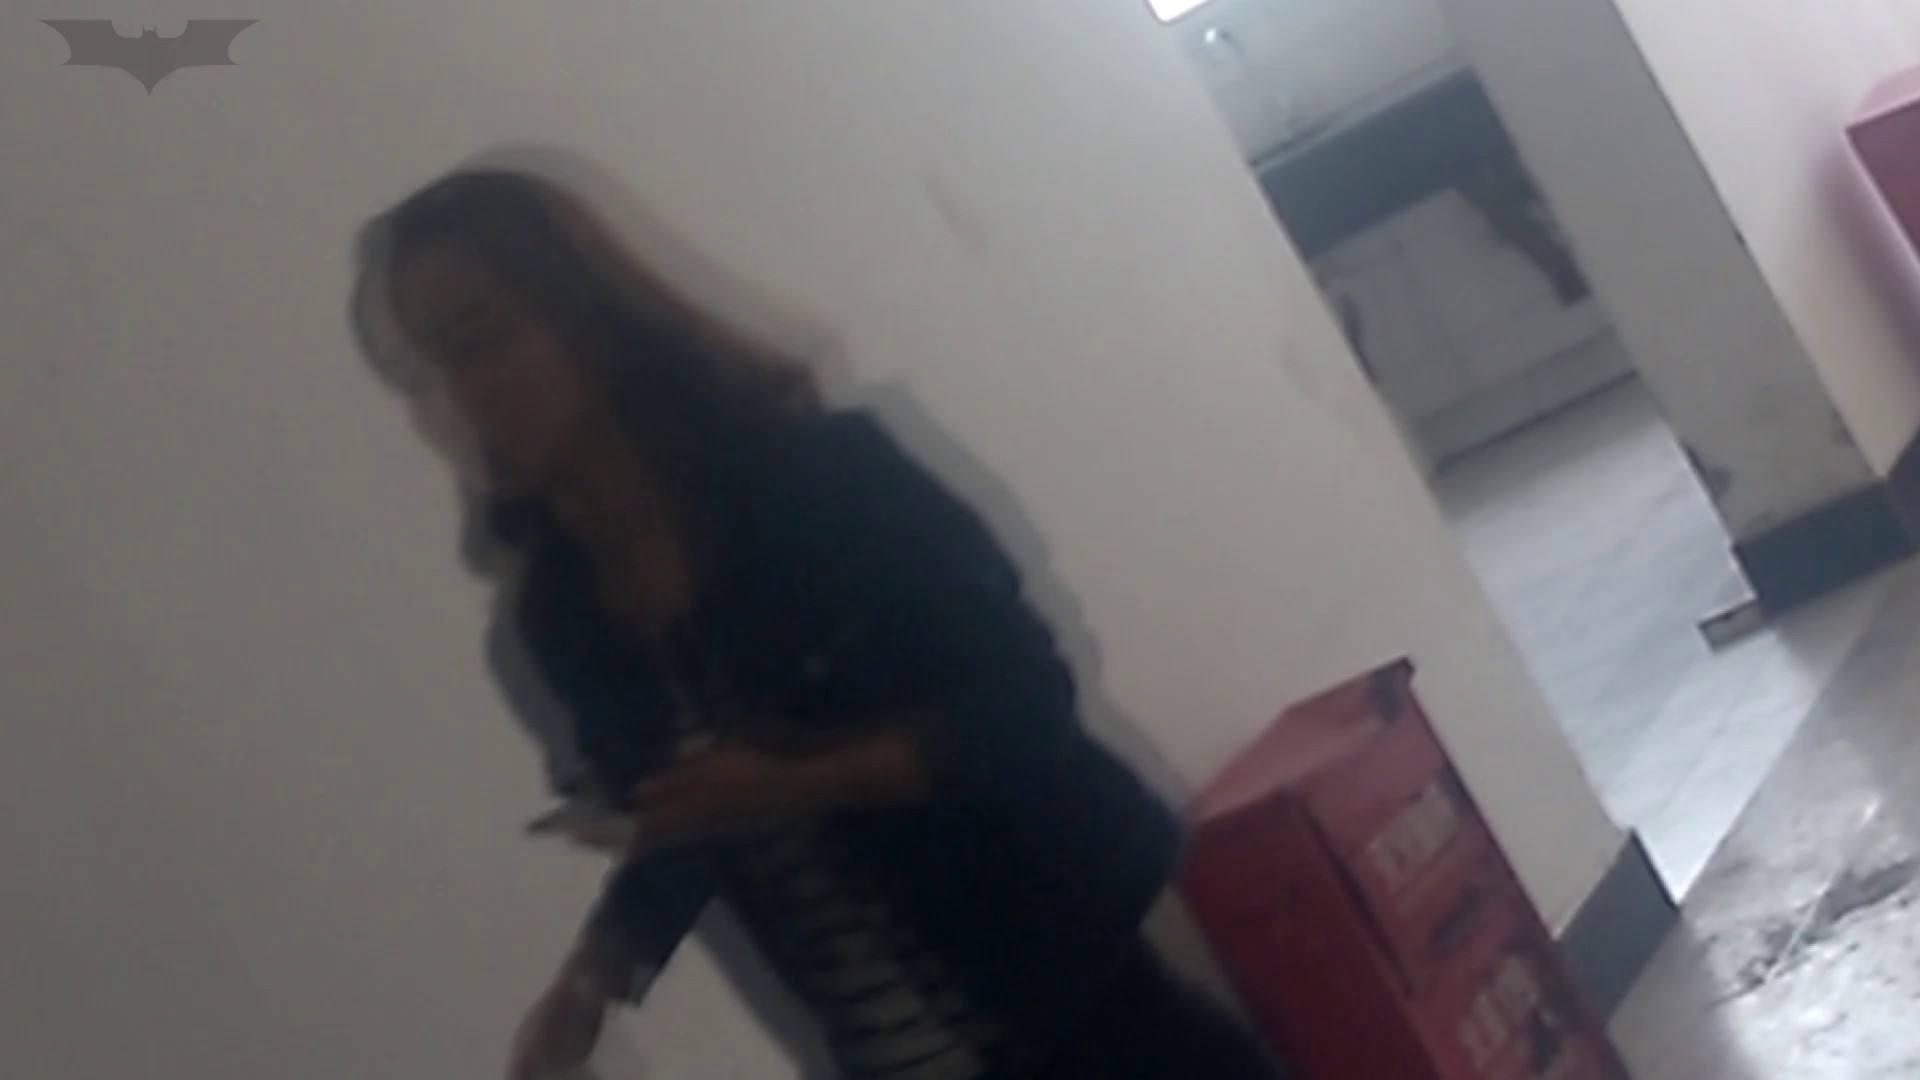 JD盗撮 美女の洗面所の秘密 Vol.10 美女 おまんこ無修正動画無料 67画像 7